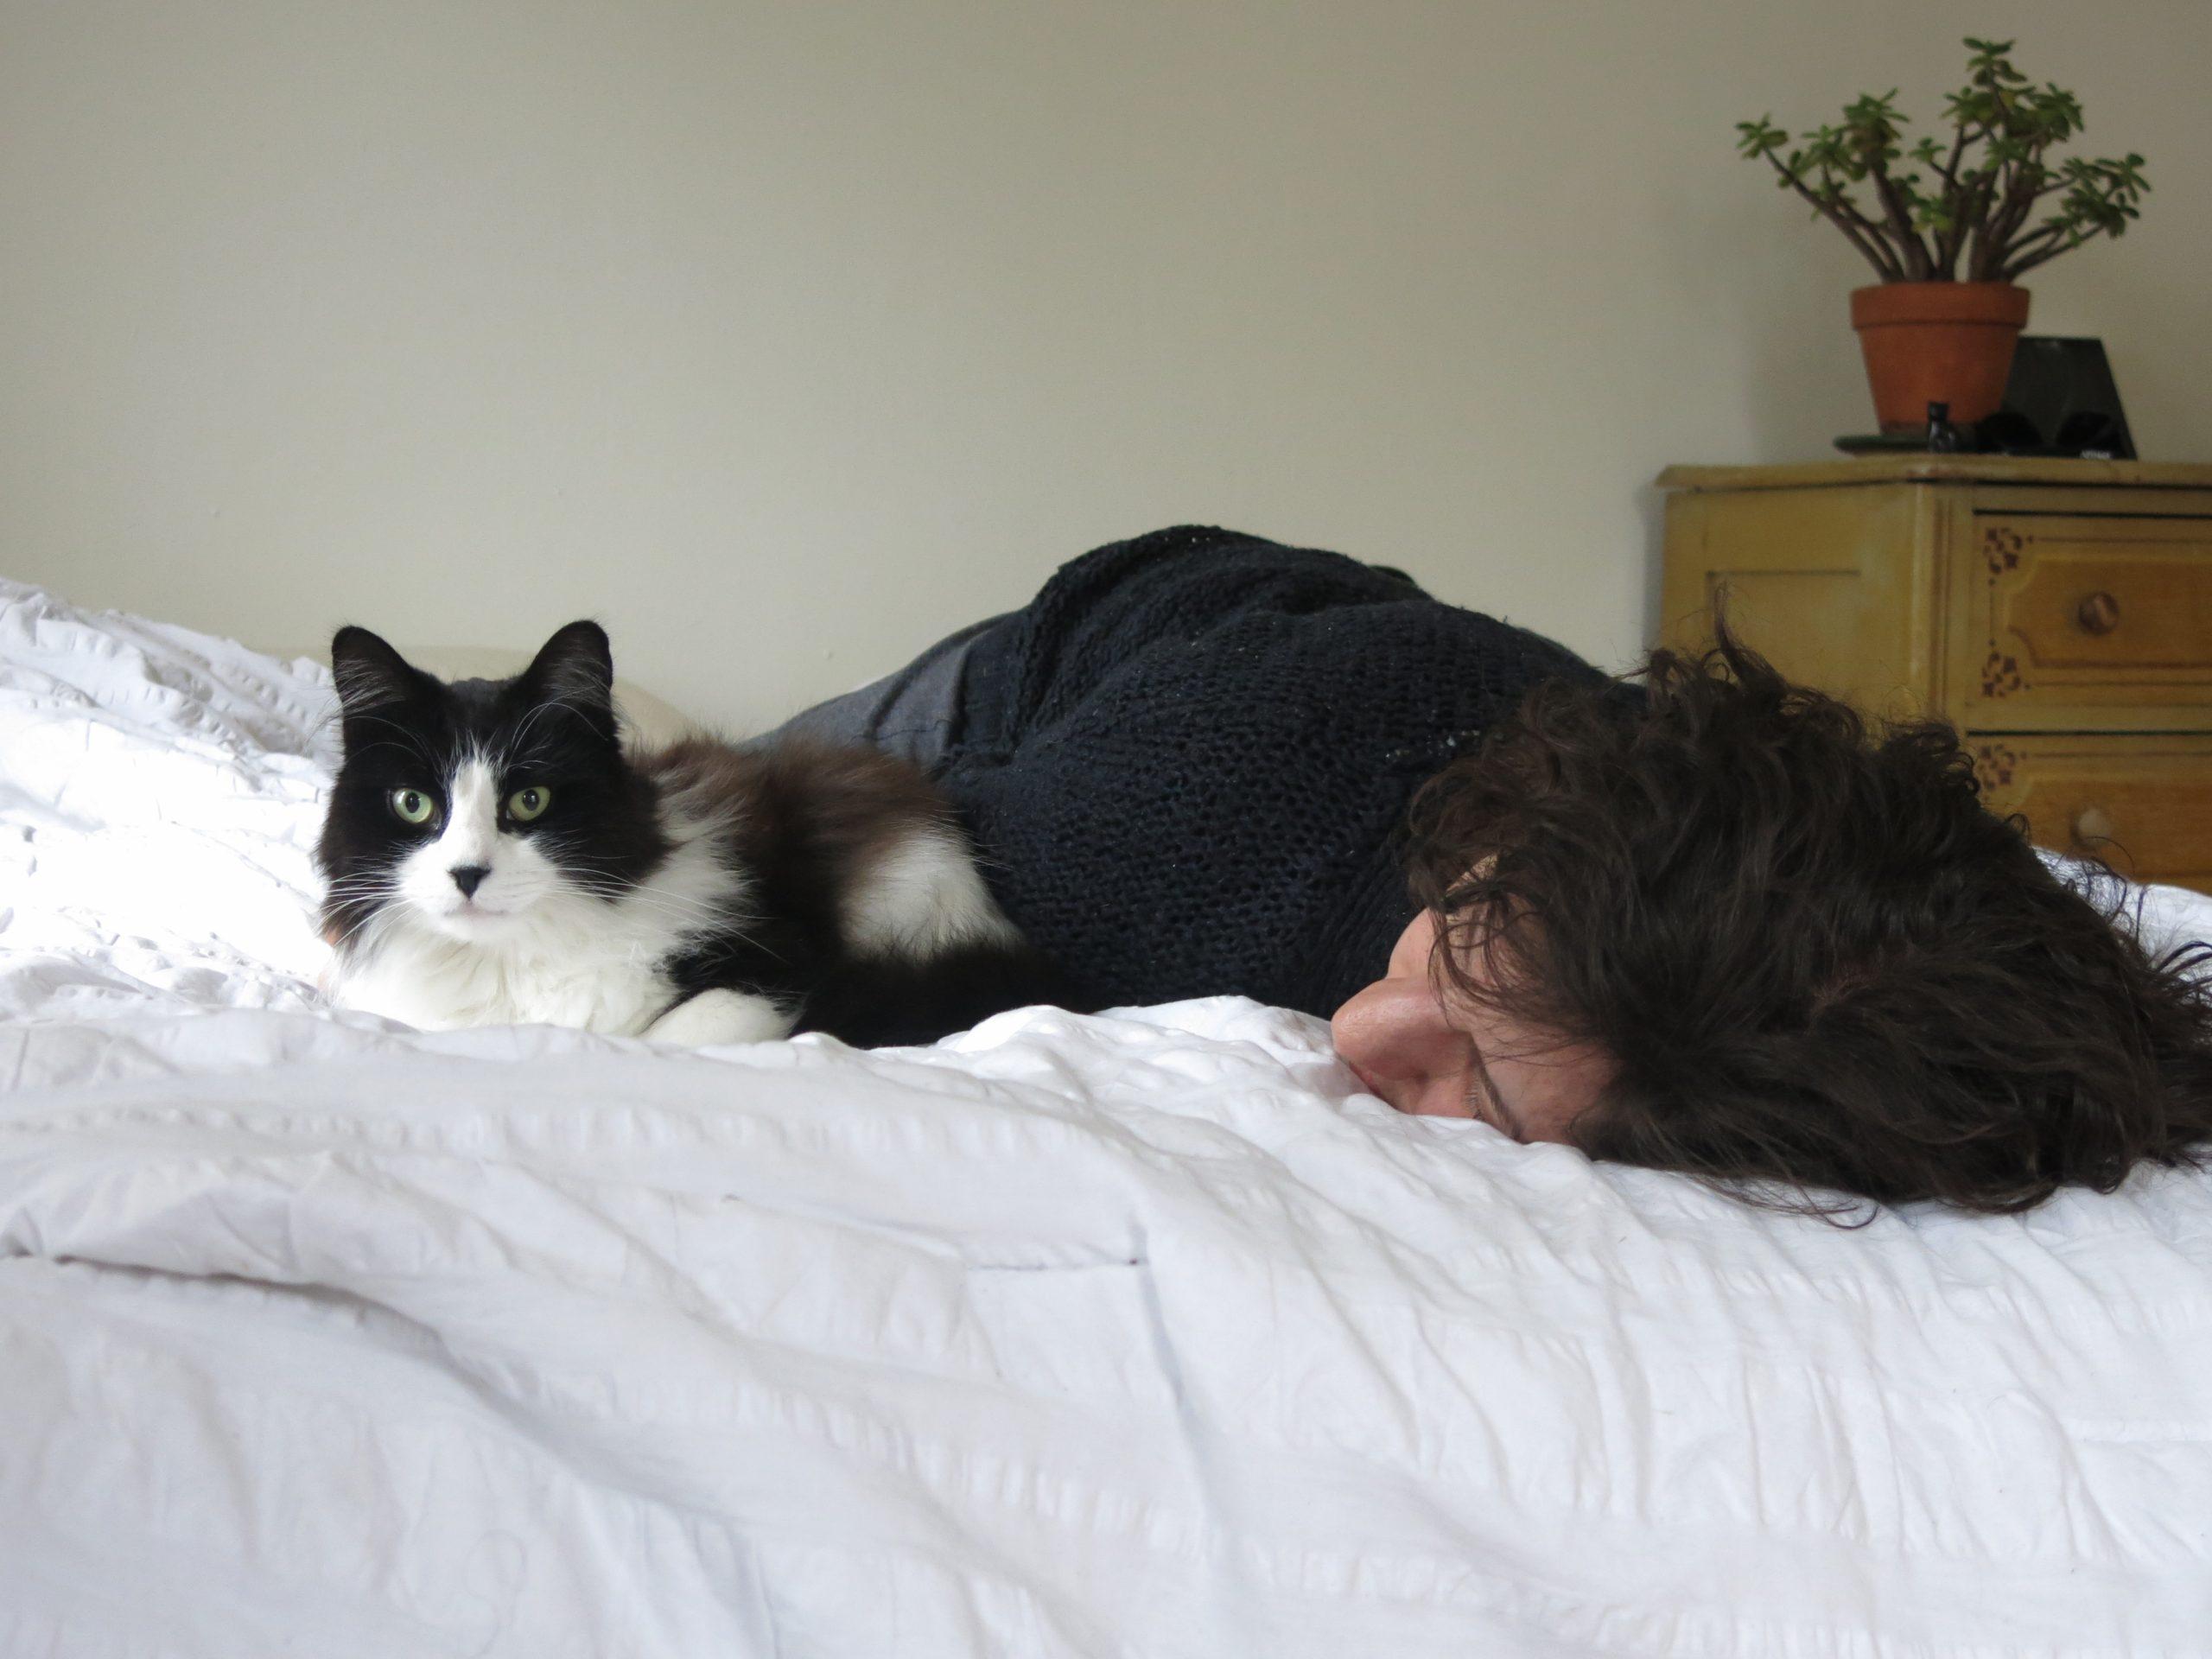 Los gatos que se orinan en la cama tienen problemas